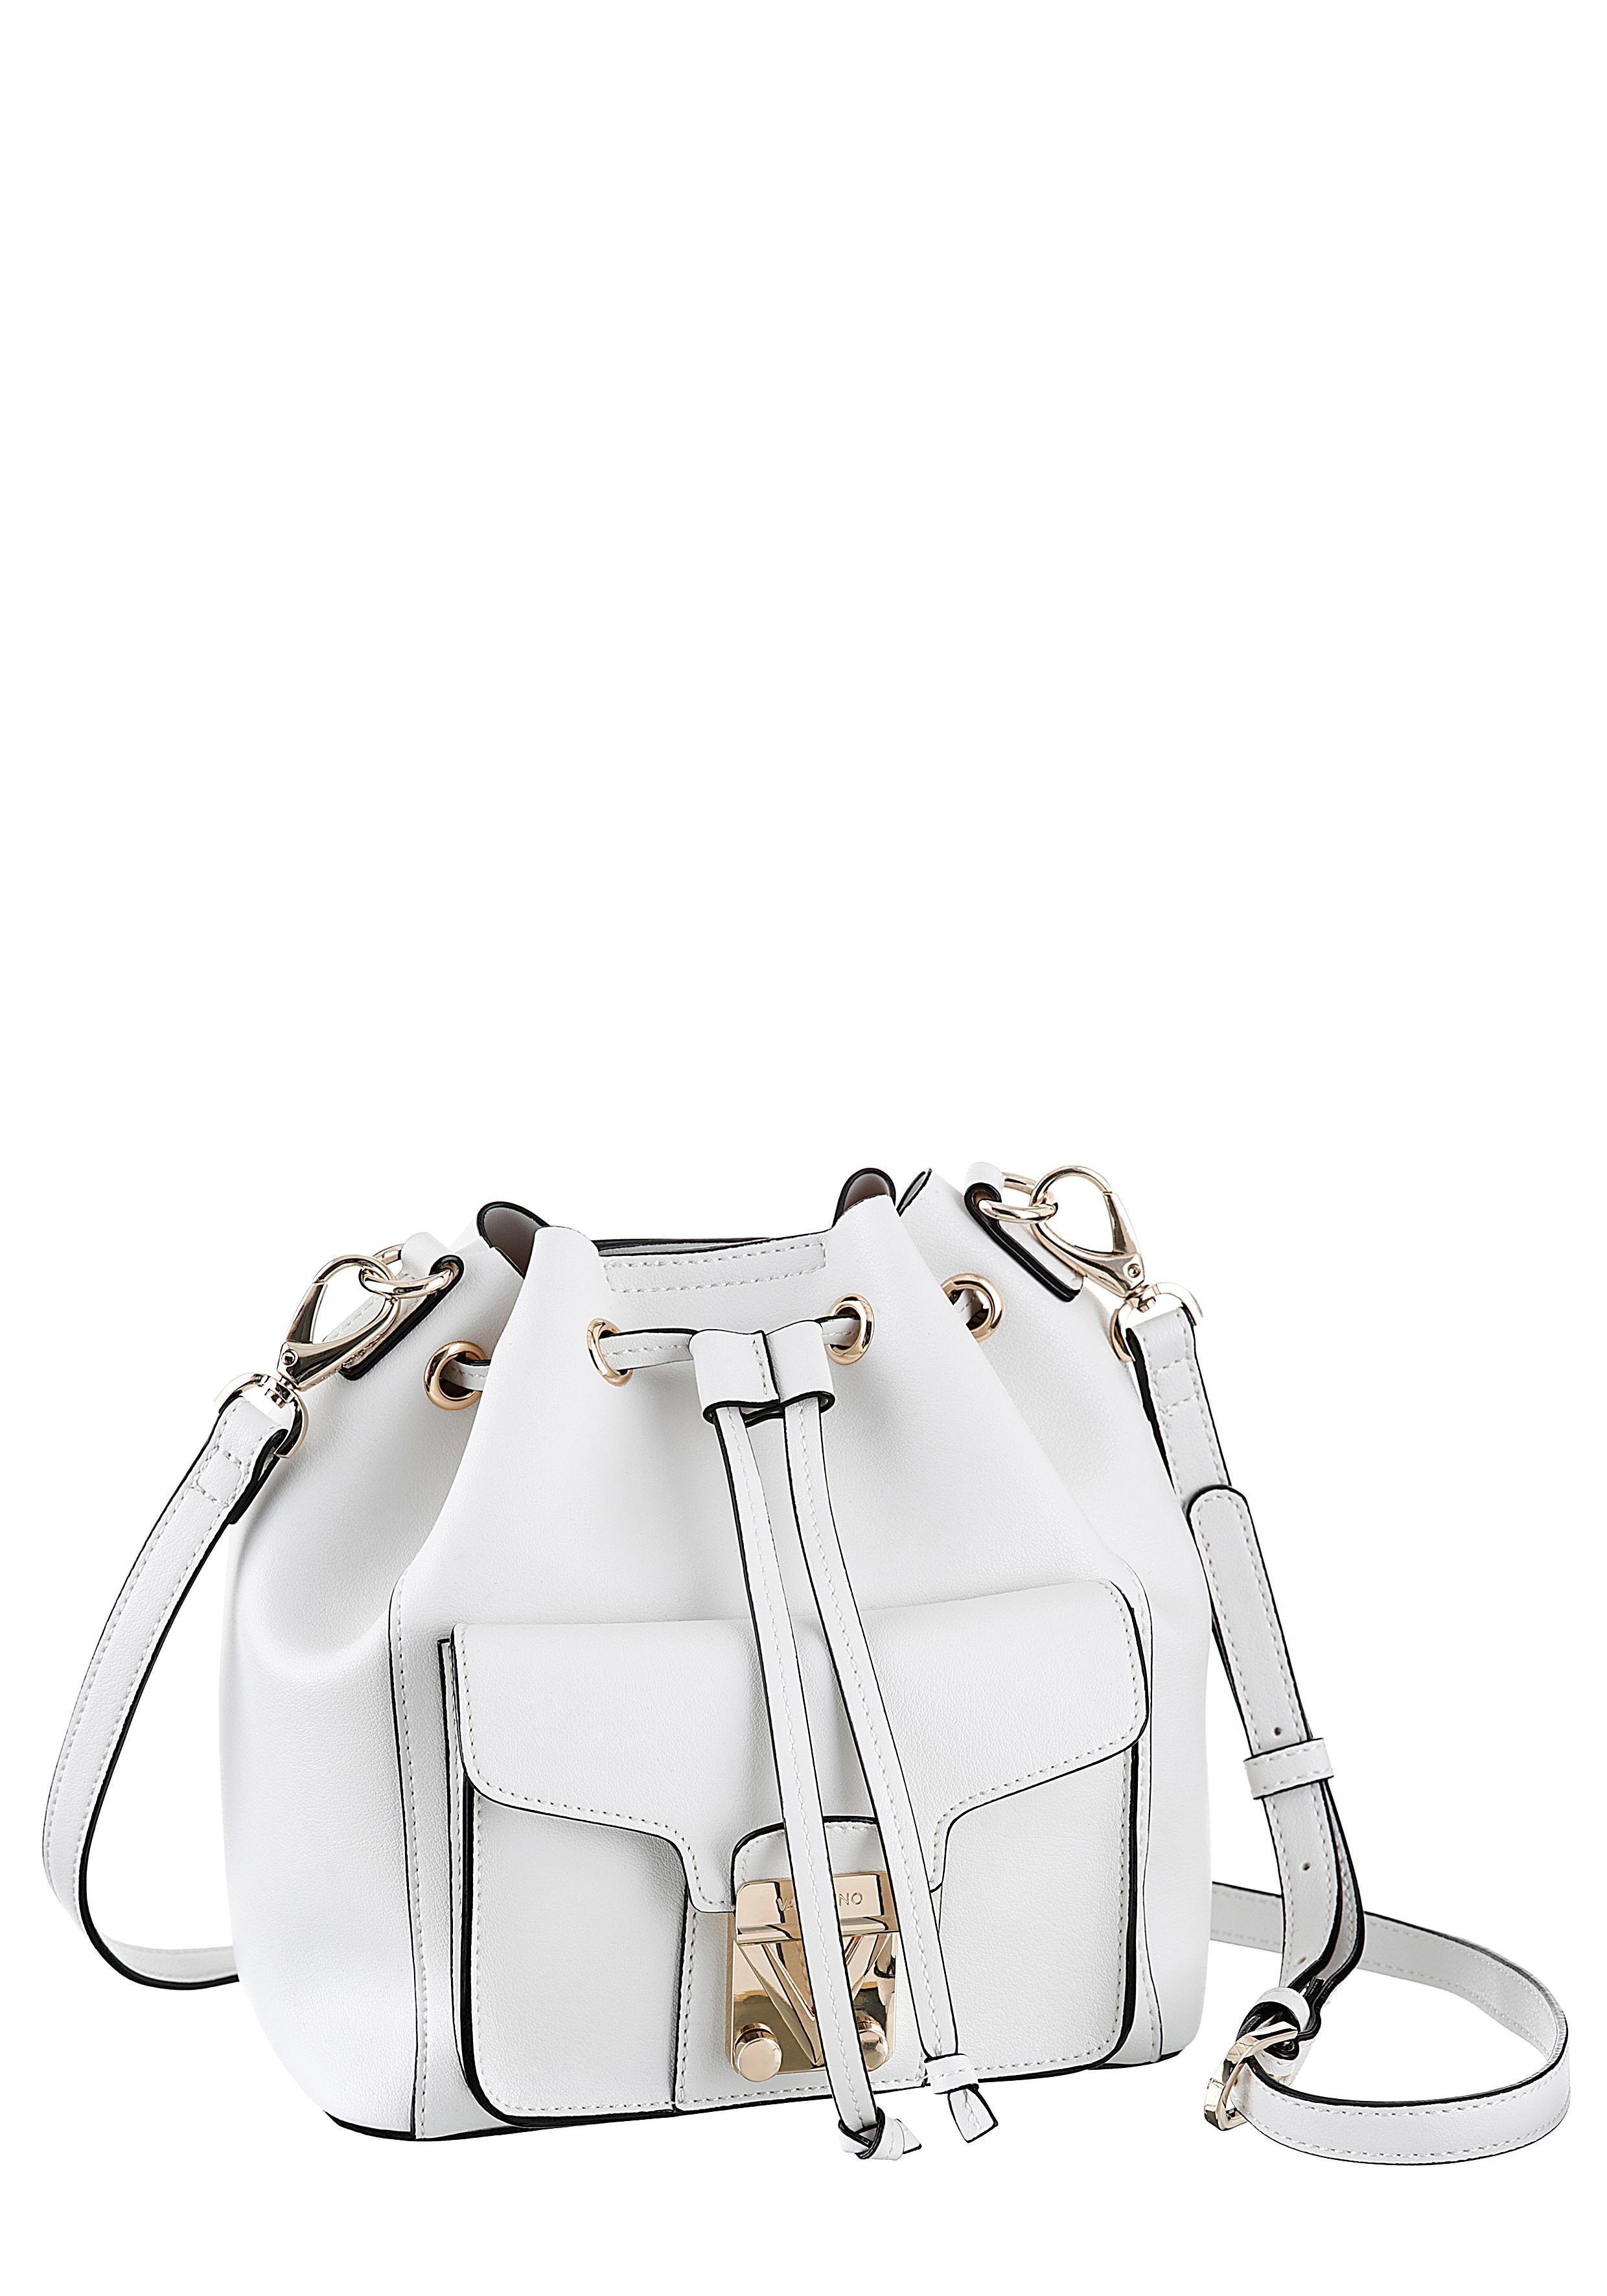 Valentino handbags Beuteltasche | Taschen > Handtaschen > Beuteltaschen | Weiß | Valentino Handbags